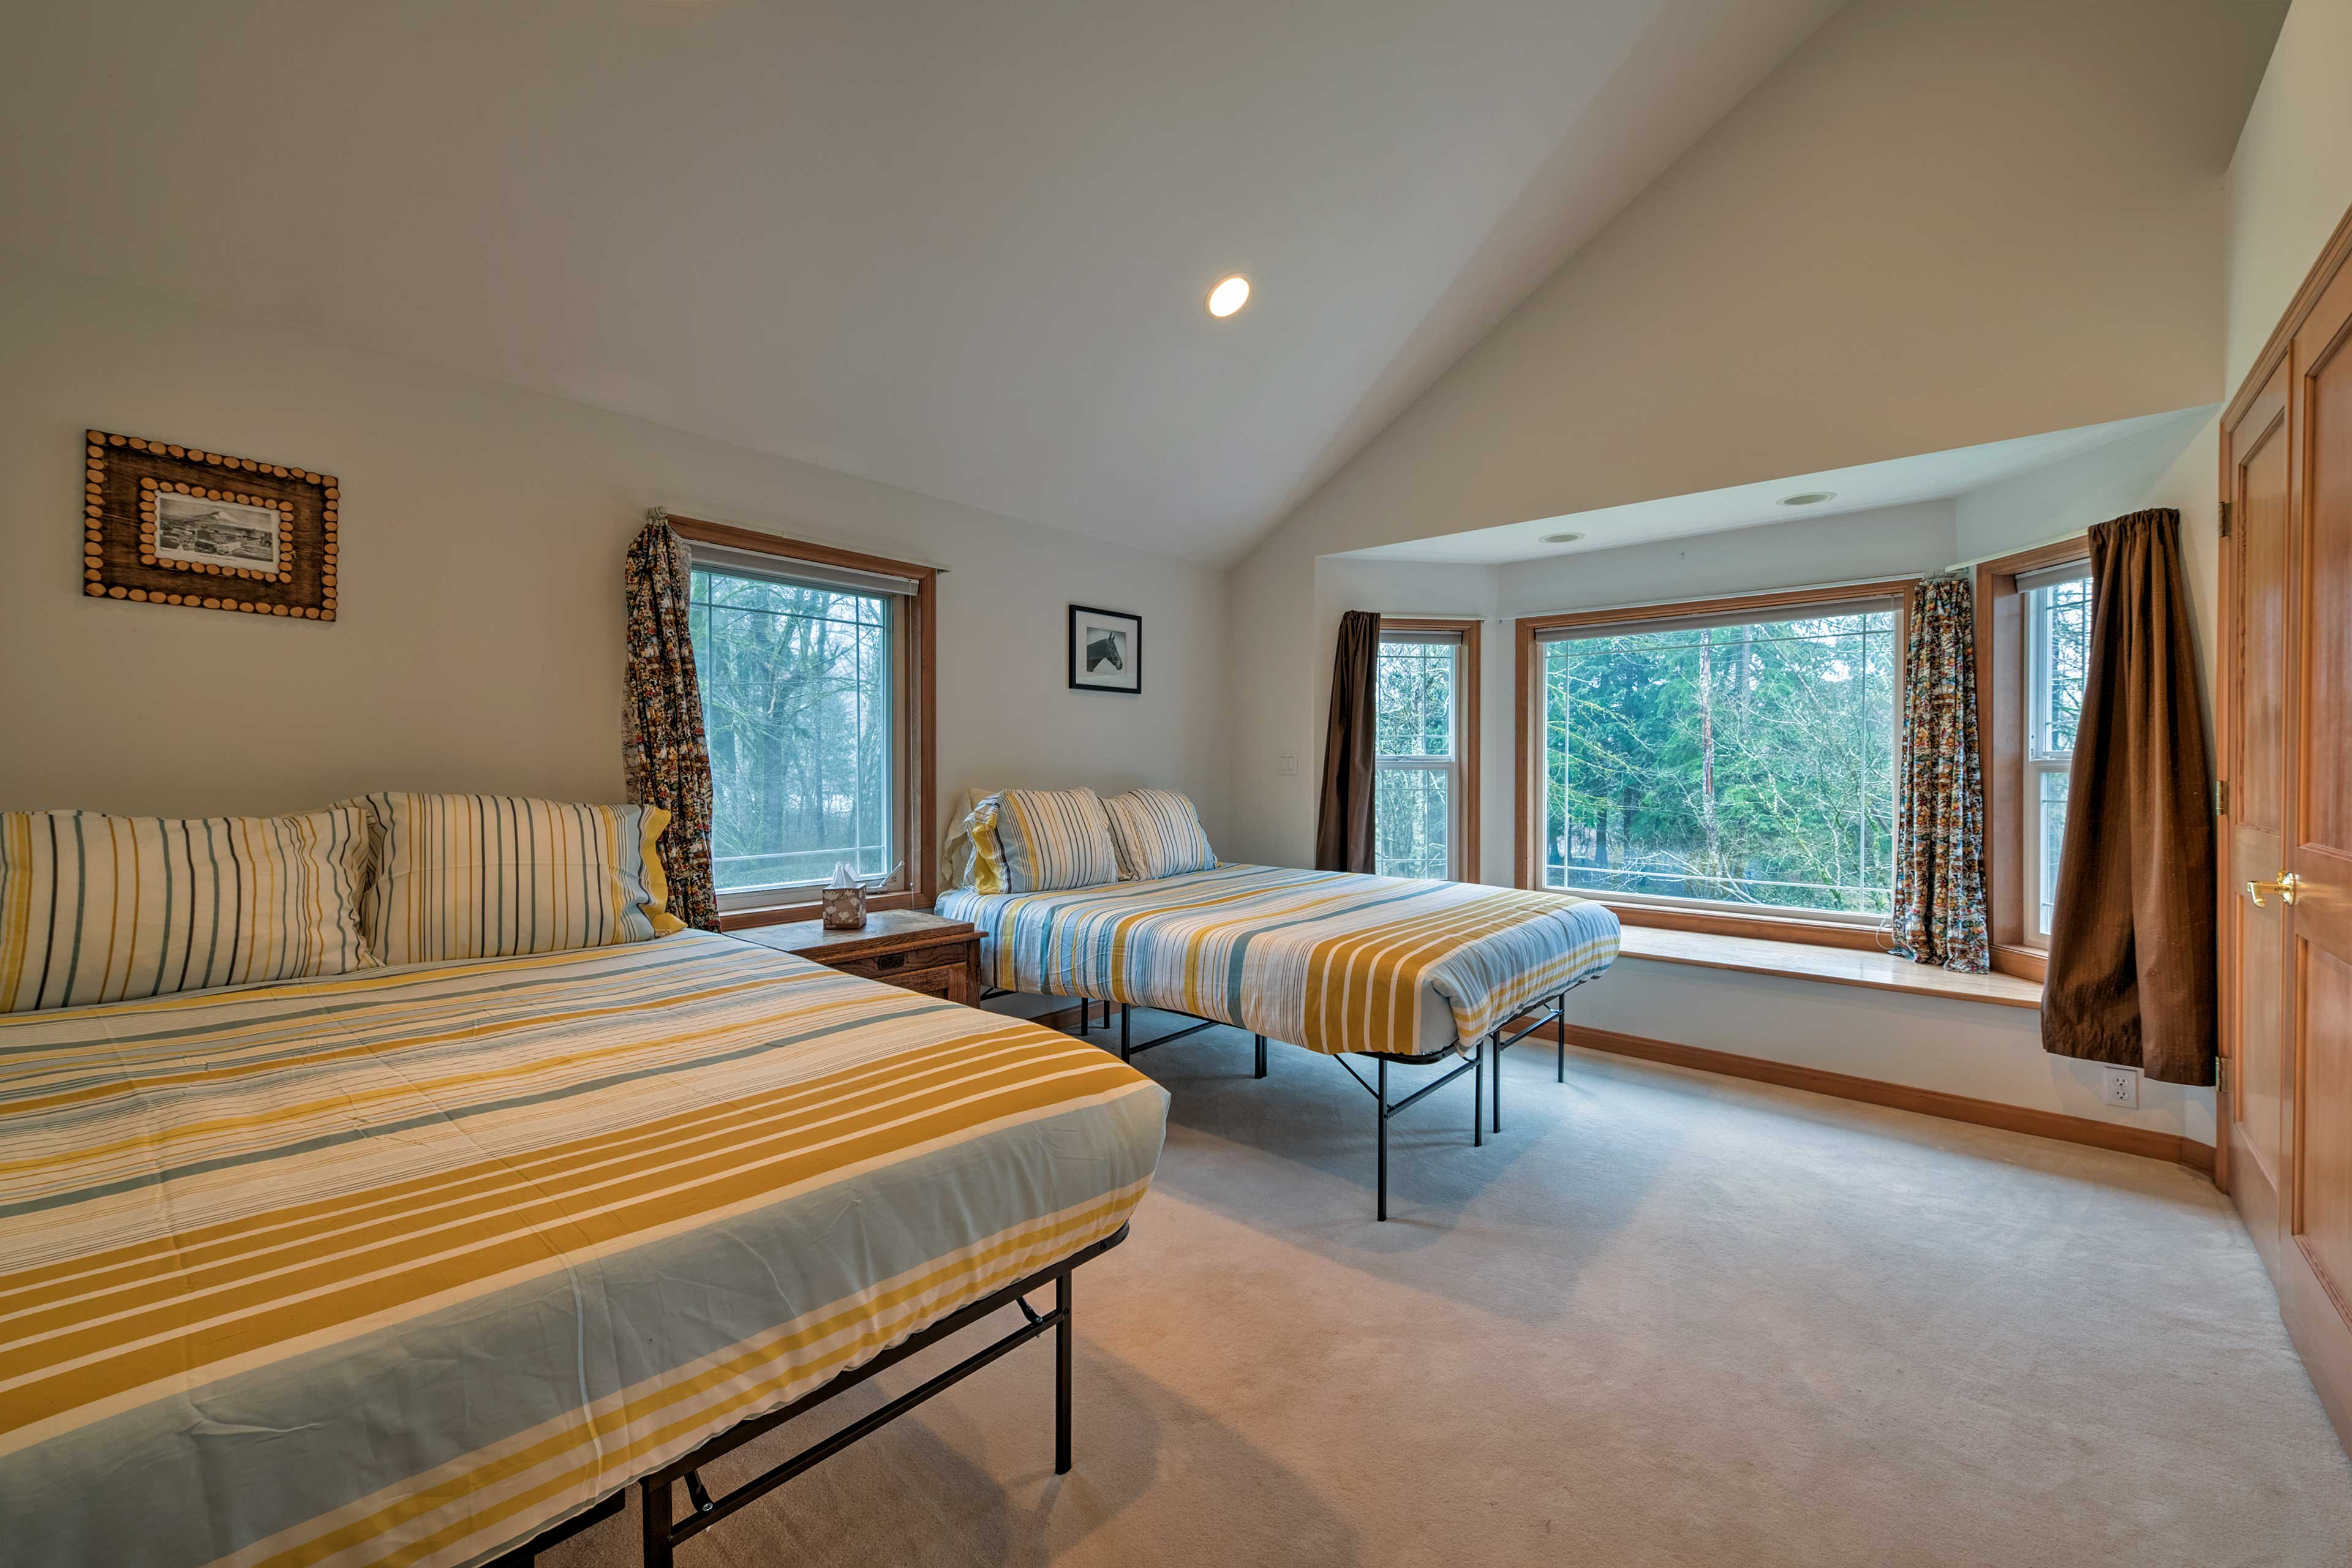 This second bedroom boasts 2 queen beds.